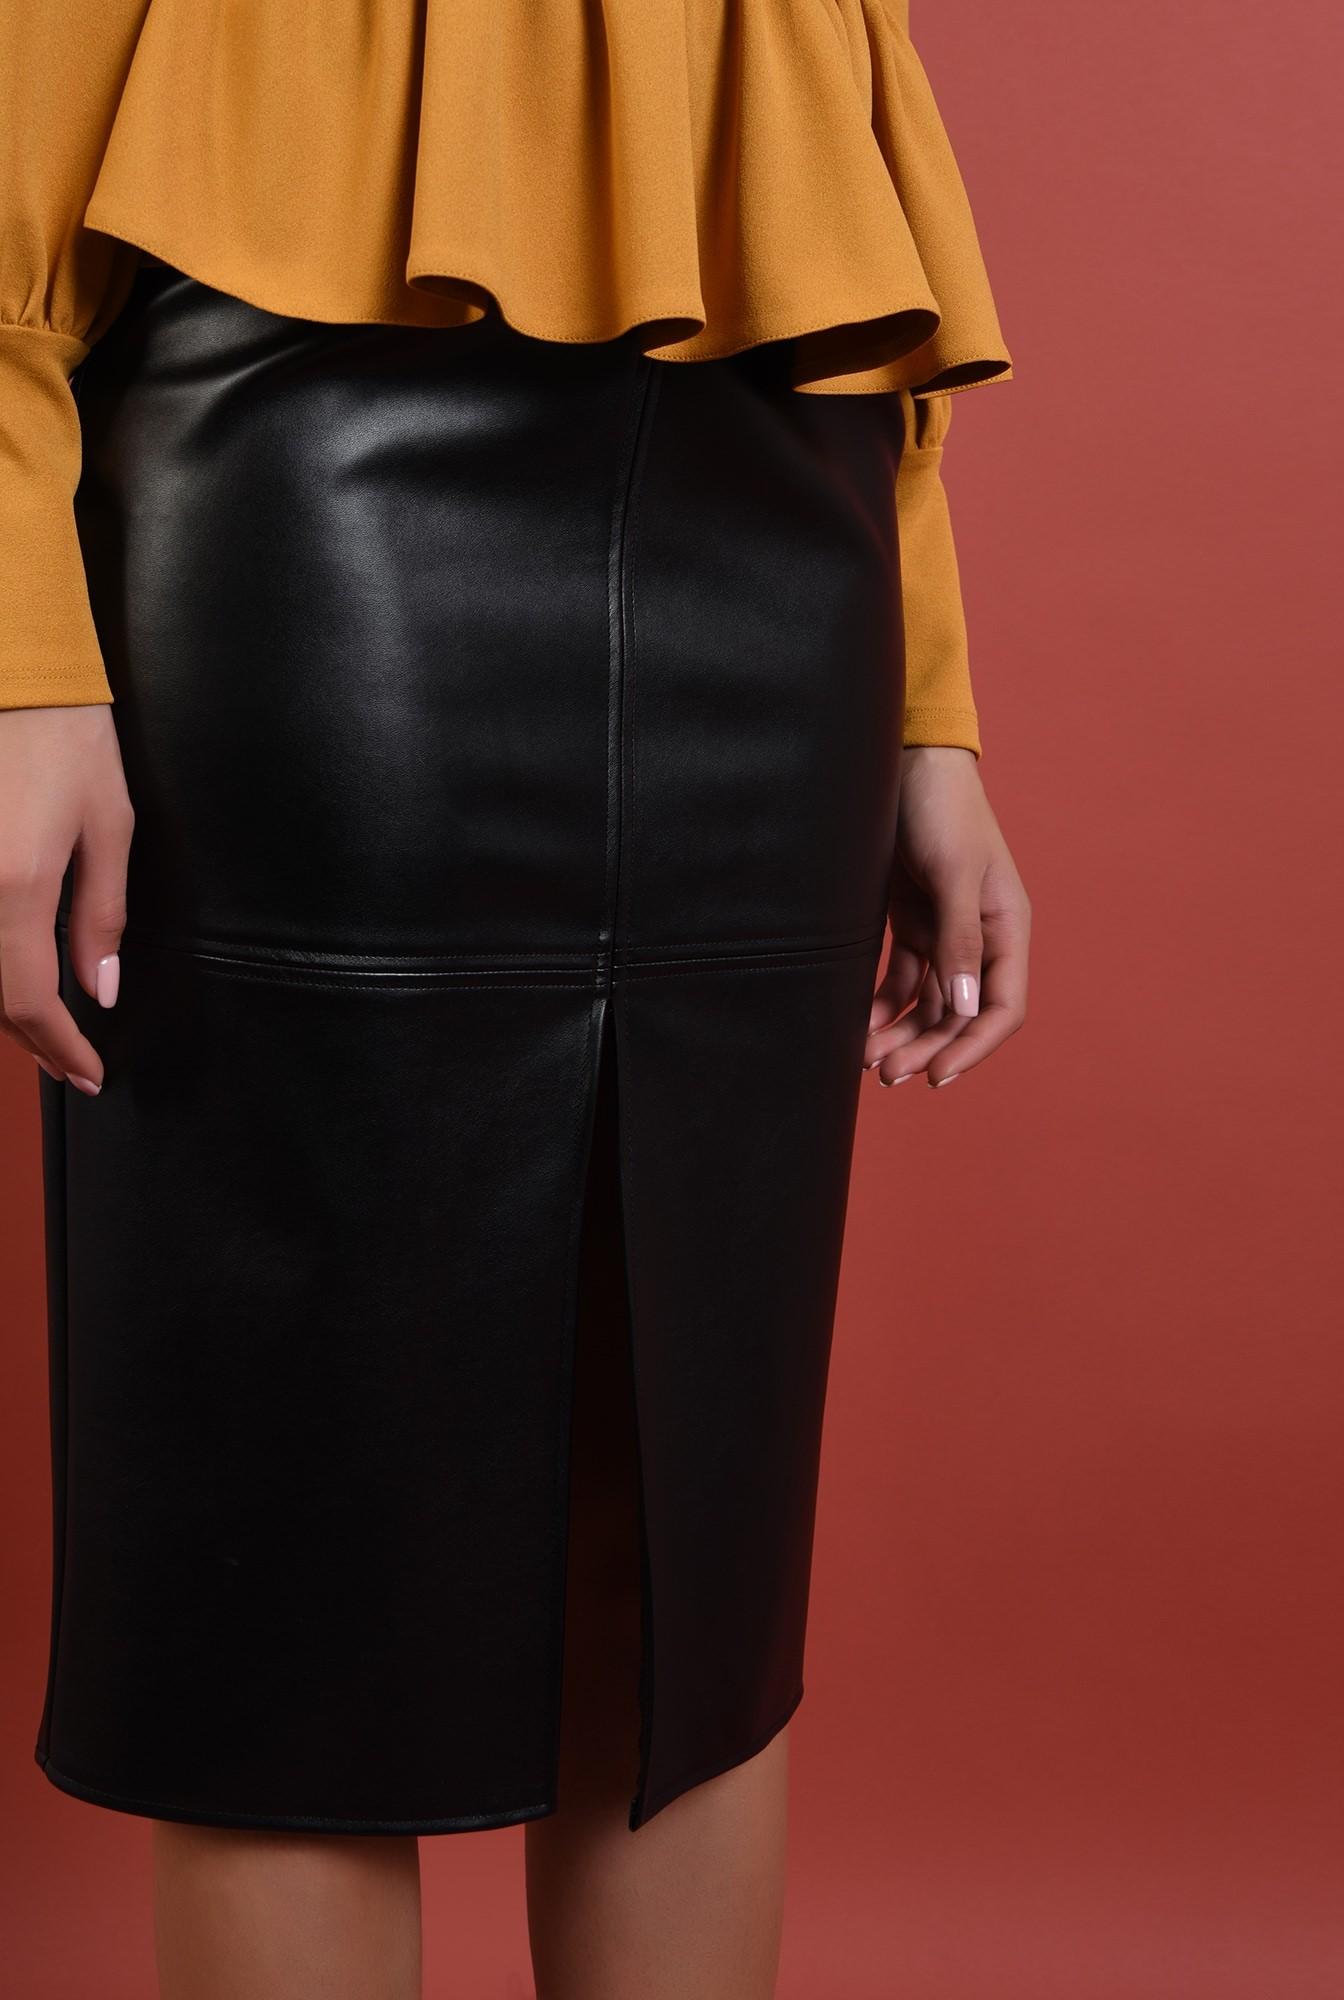 2 - fusta neagra, cusaturi, piele ecologica, Poema. fuste online